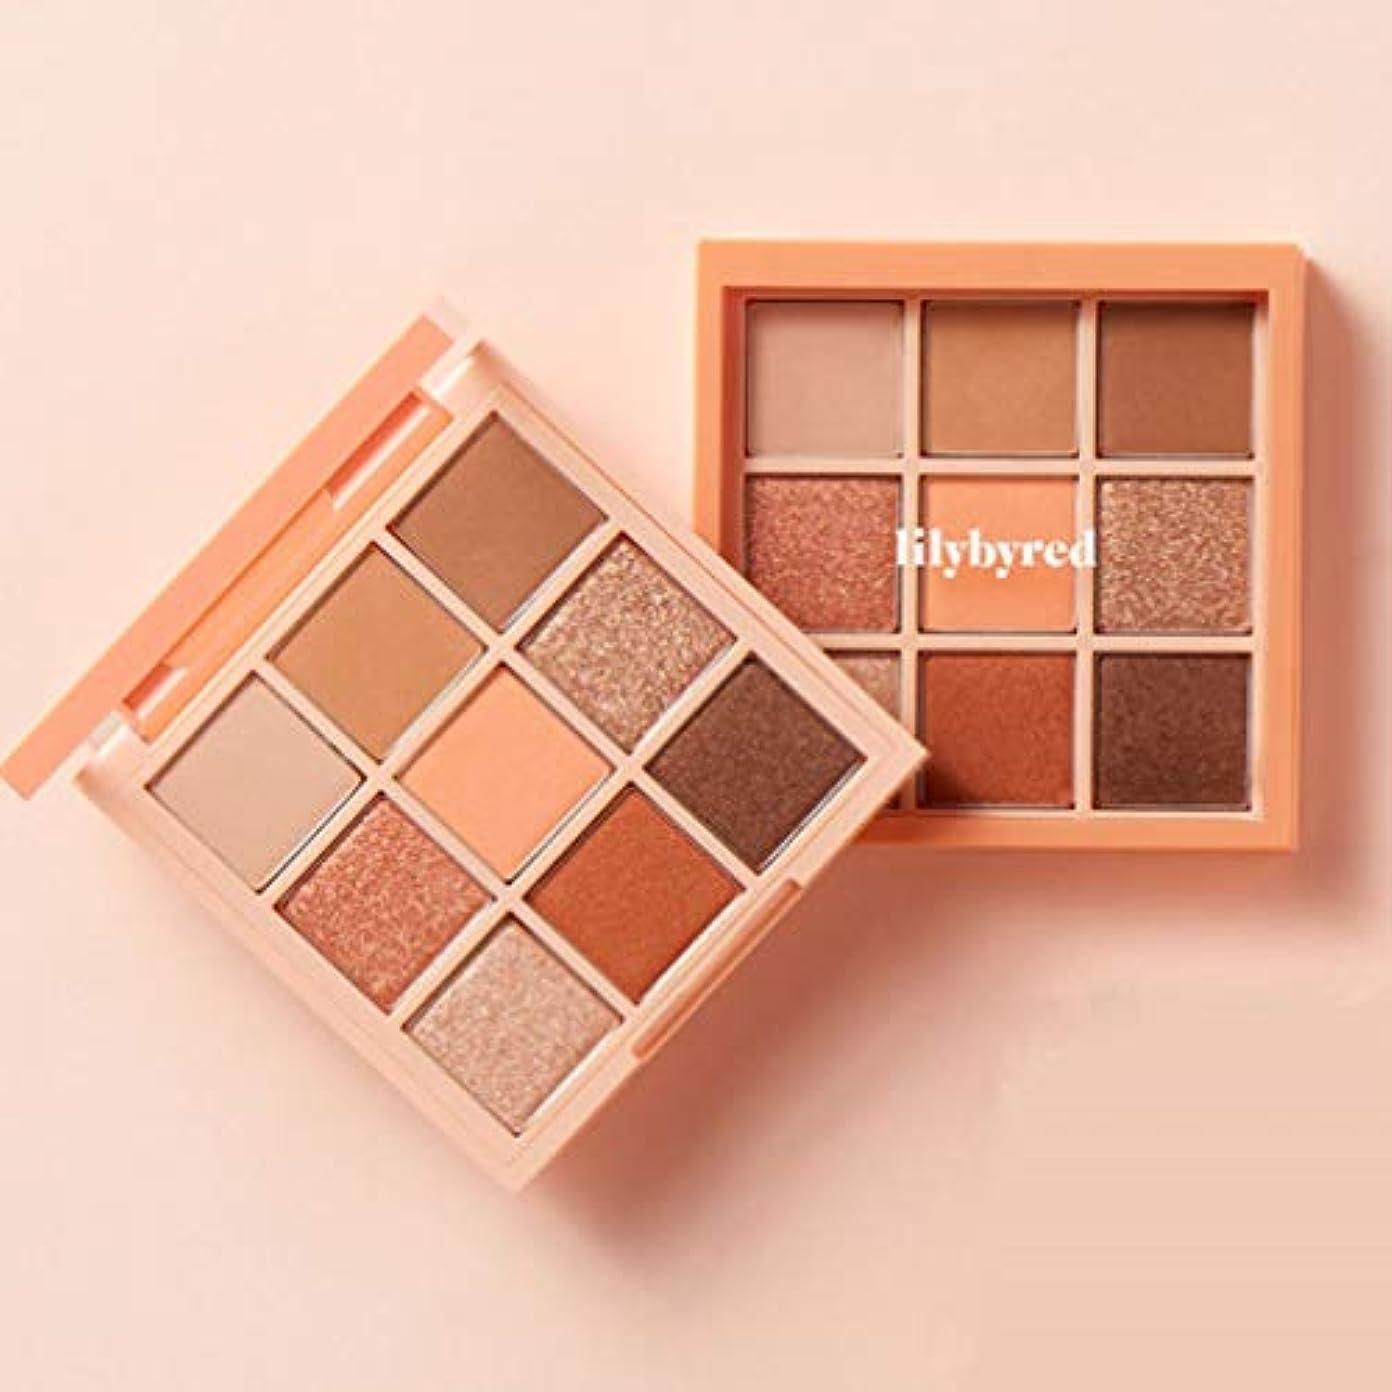 着飾るヤギ言うまでもなくLILYBYRED Mood Cheat Kit Eyeshadow Palette #Peach Energy 告発色、高密着、告知の中独歩的な高クオリティアイシャドウパレット9color(並行輸入品)